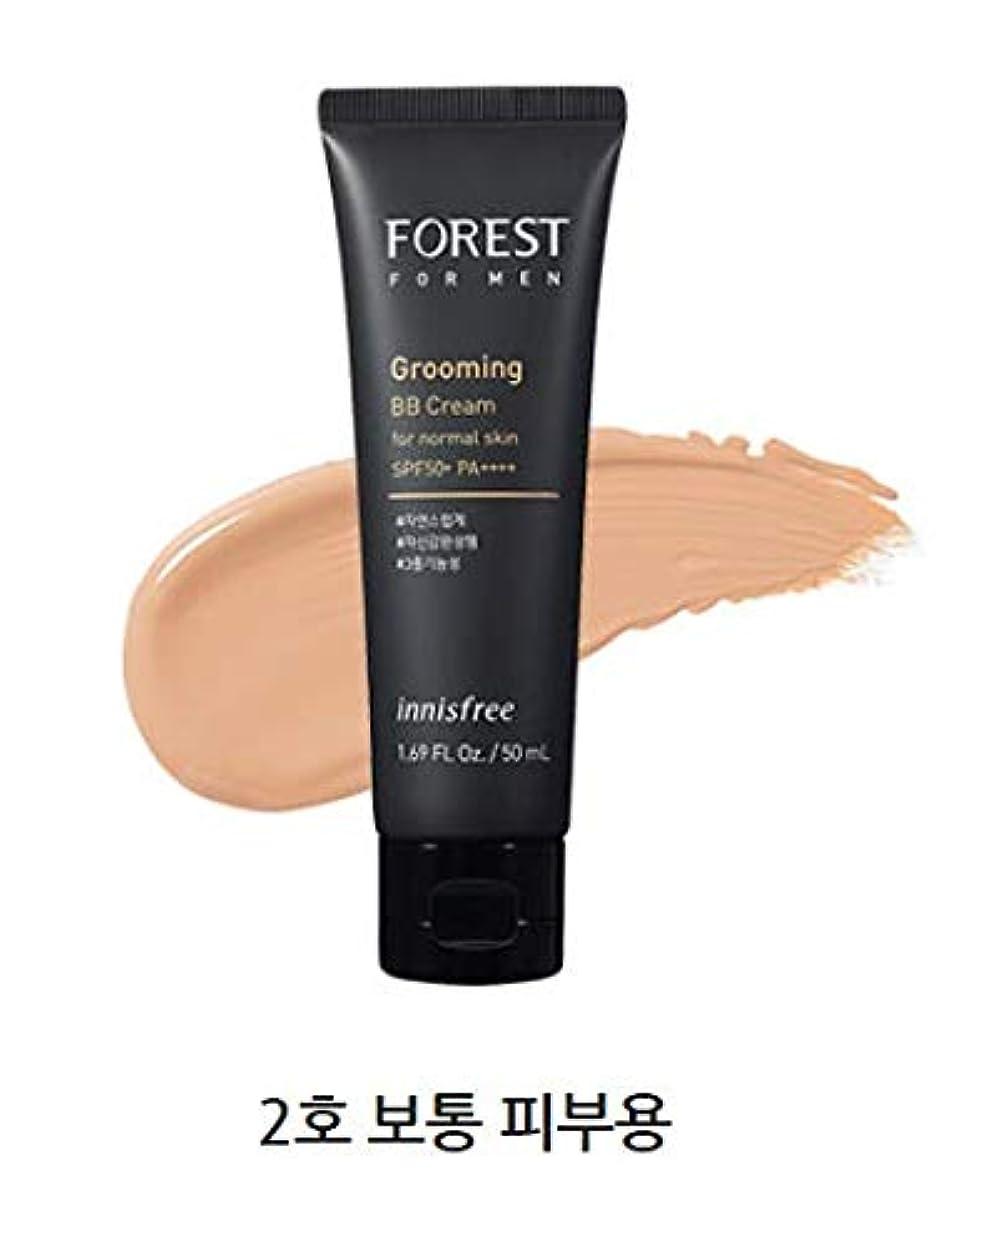 ドメイン接地こんにちは[イニスフリー.innisfree]フォレストフォアマングルーミングBBクリームSPF50+ PA++++50mL/ FOREST FOR MEN GROOMING BB CREAM SPF50+ PA++++ (#2...